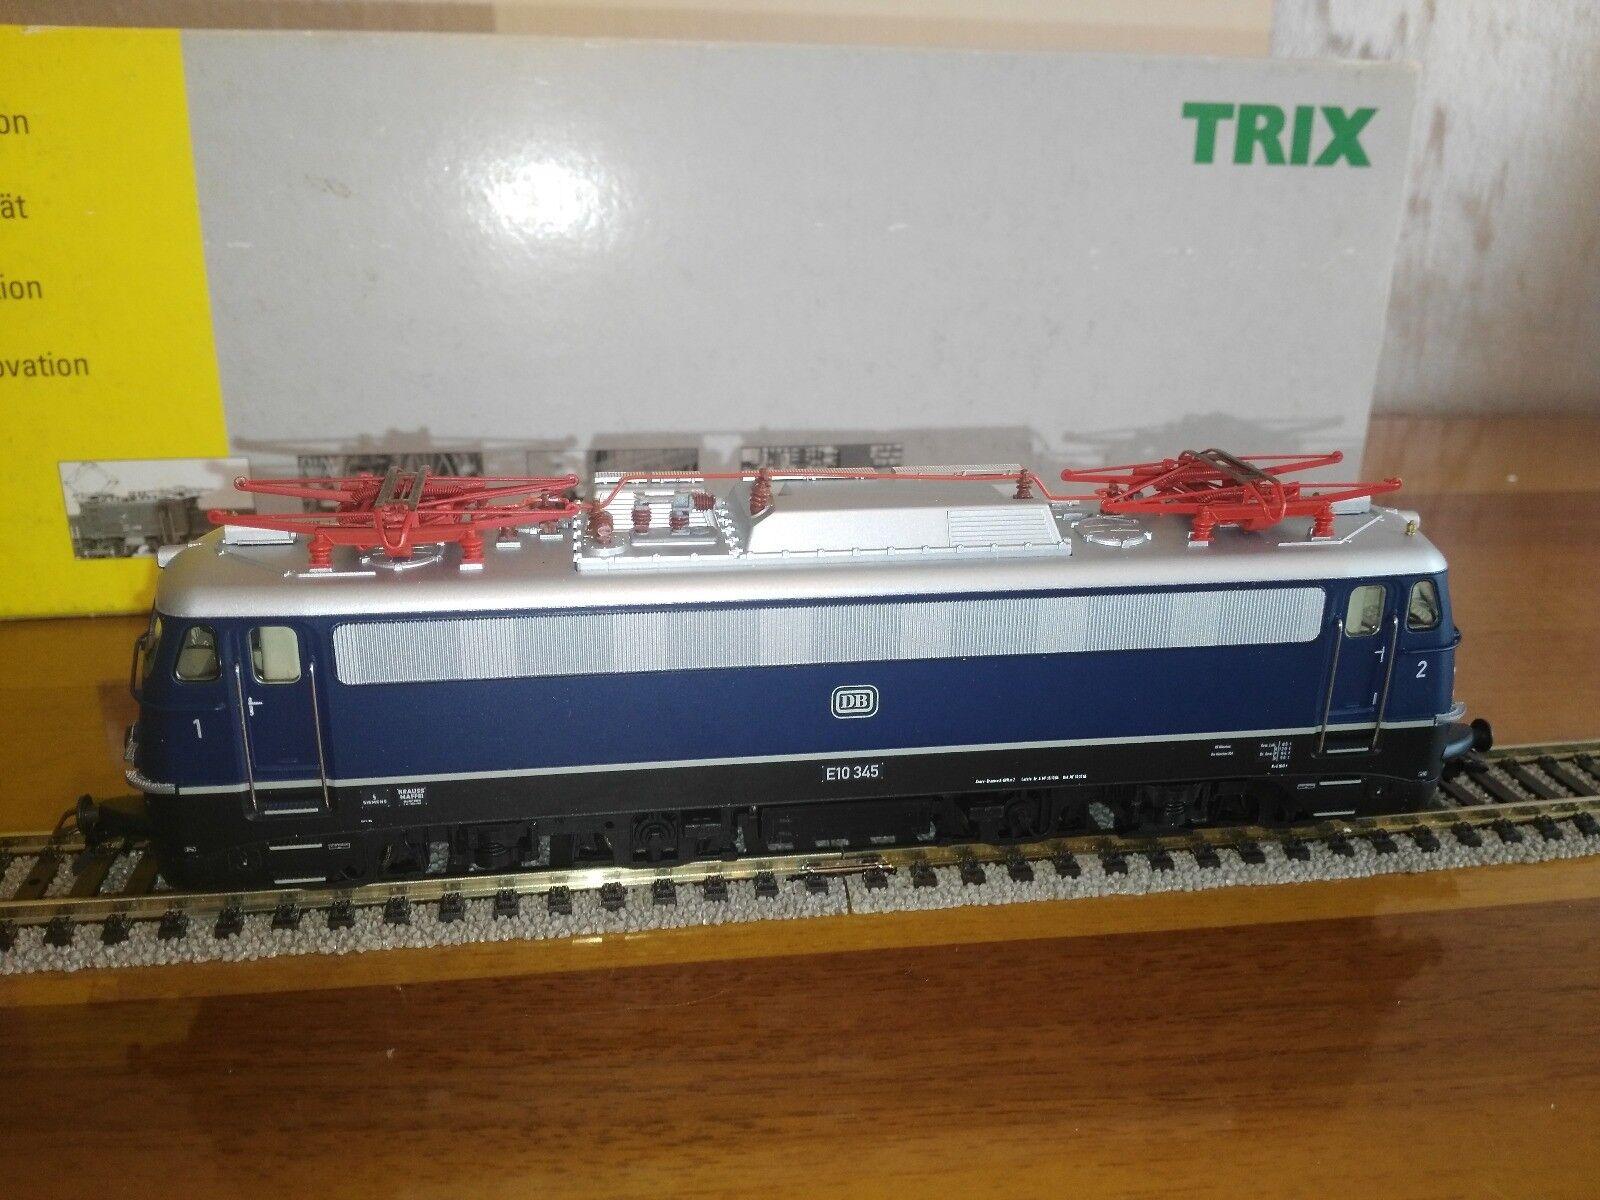 TRIX 22030 - Locomotiva elettrica E 10 - 345 della DB - Digitale Ep.III